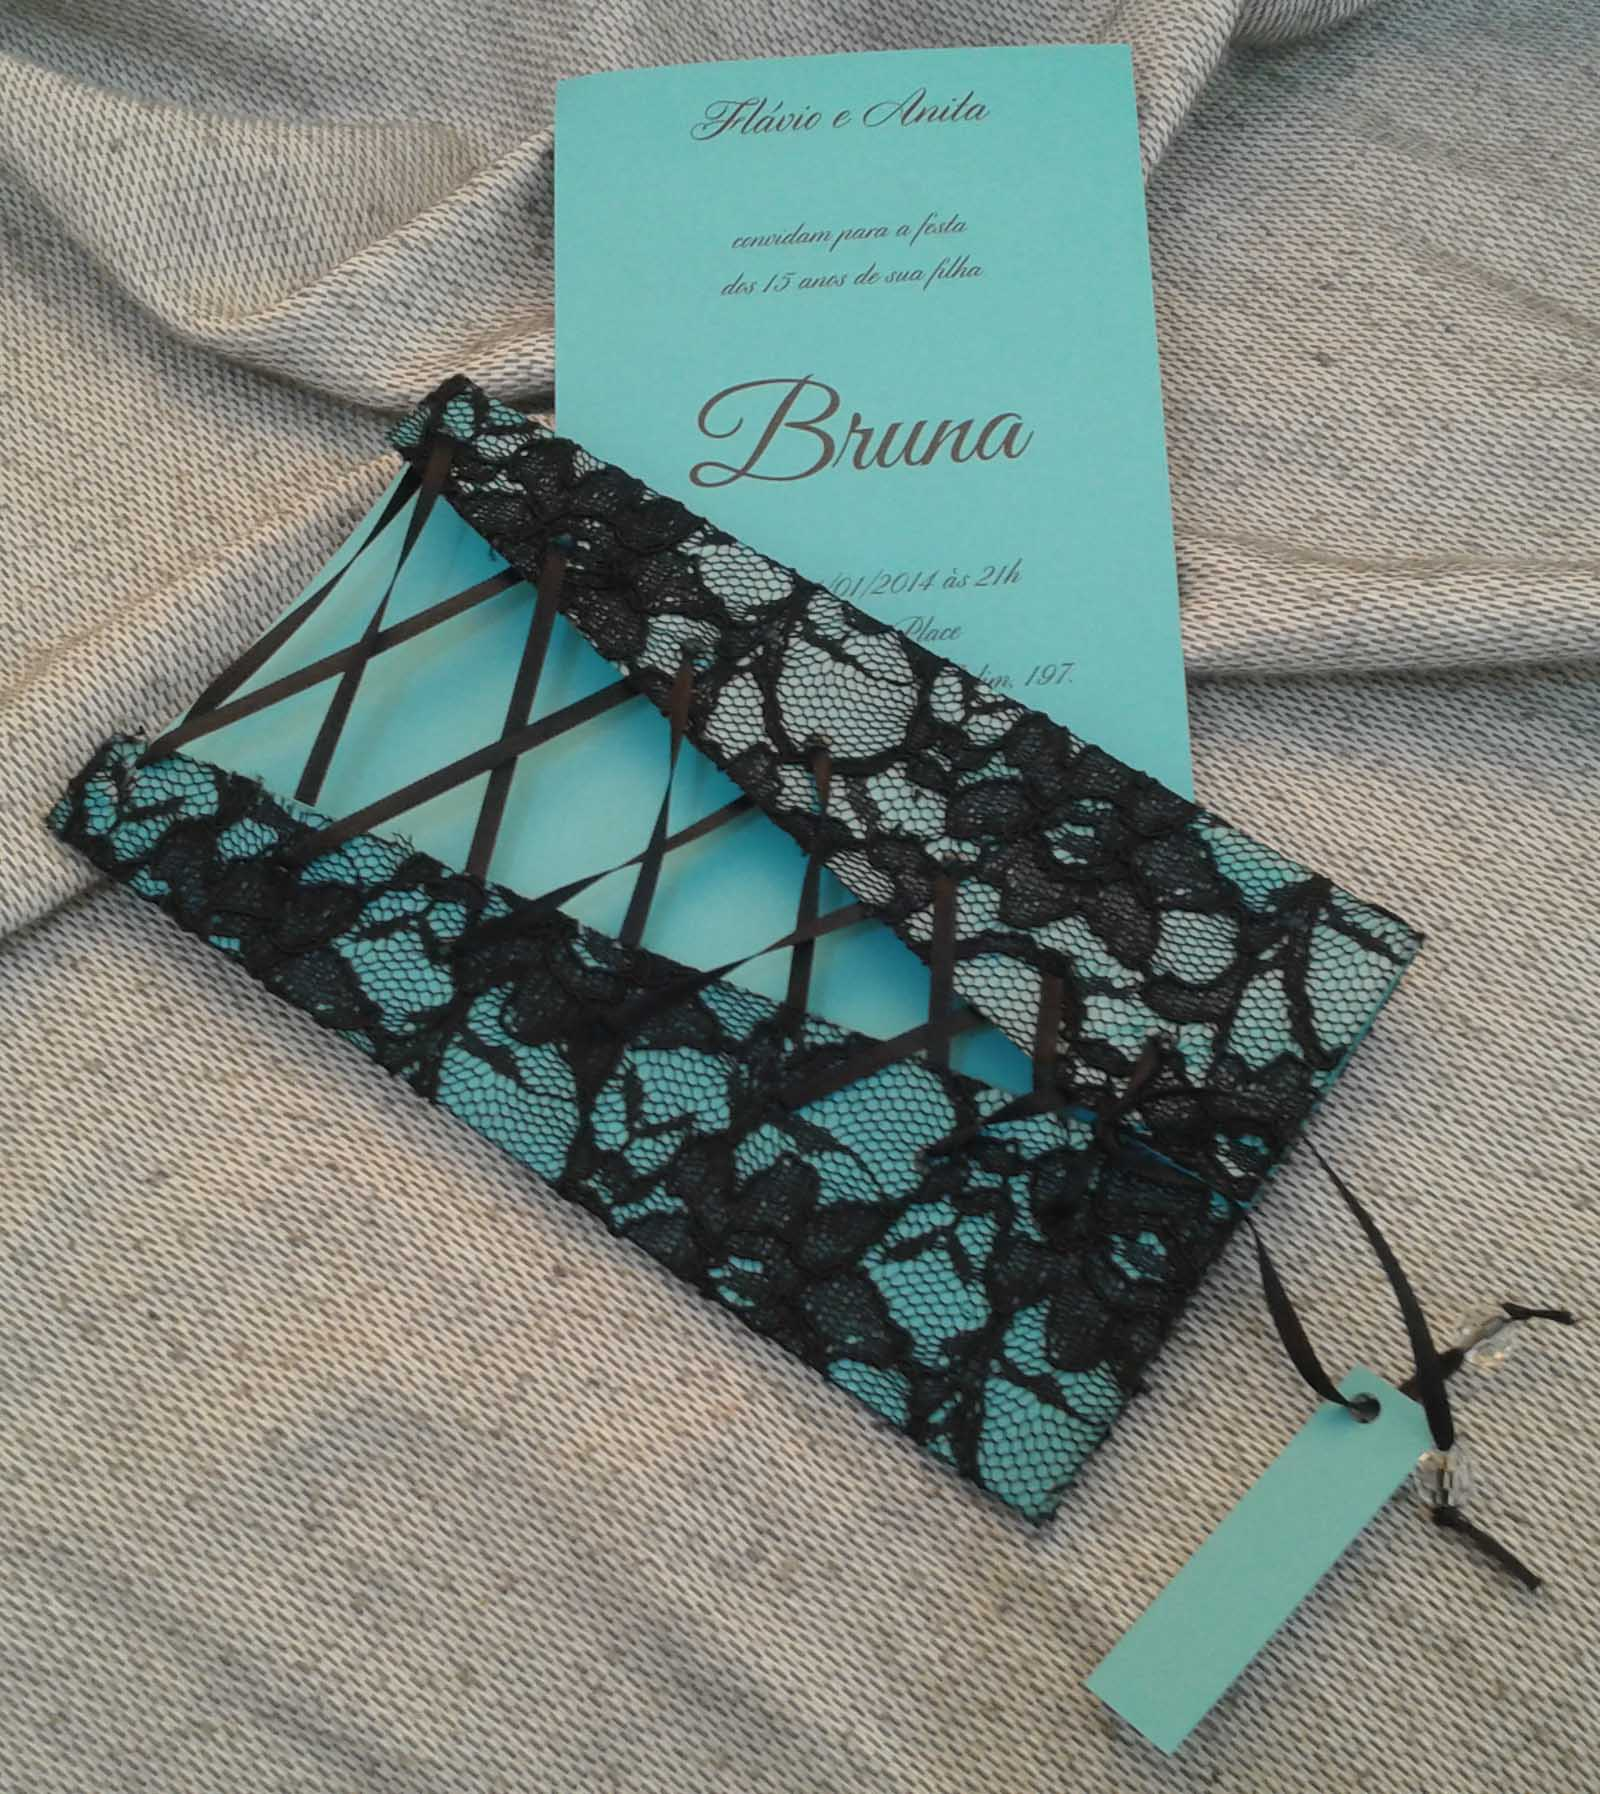 Bruna-3